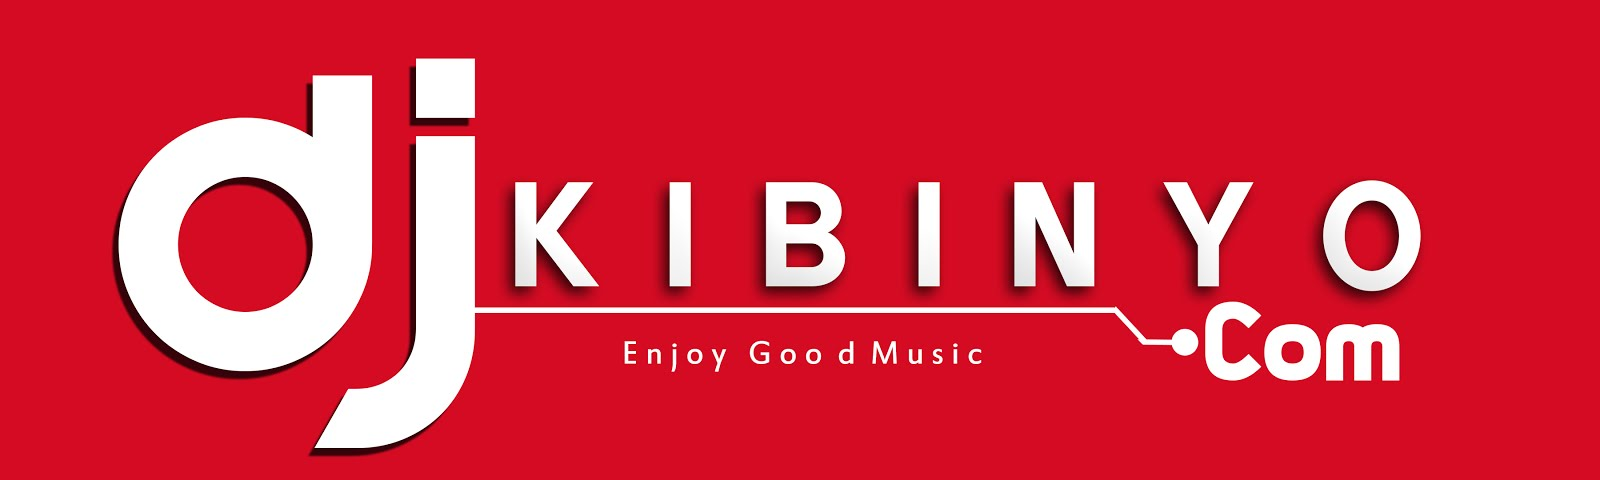 DJ KIBINYO